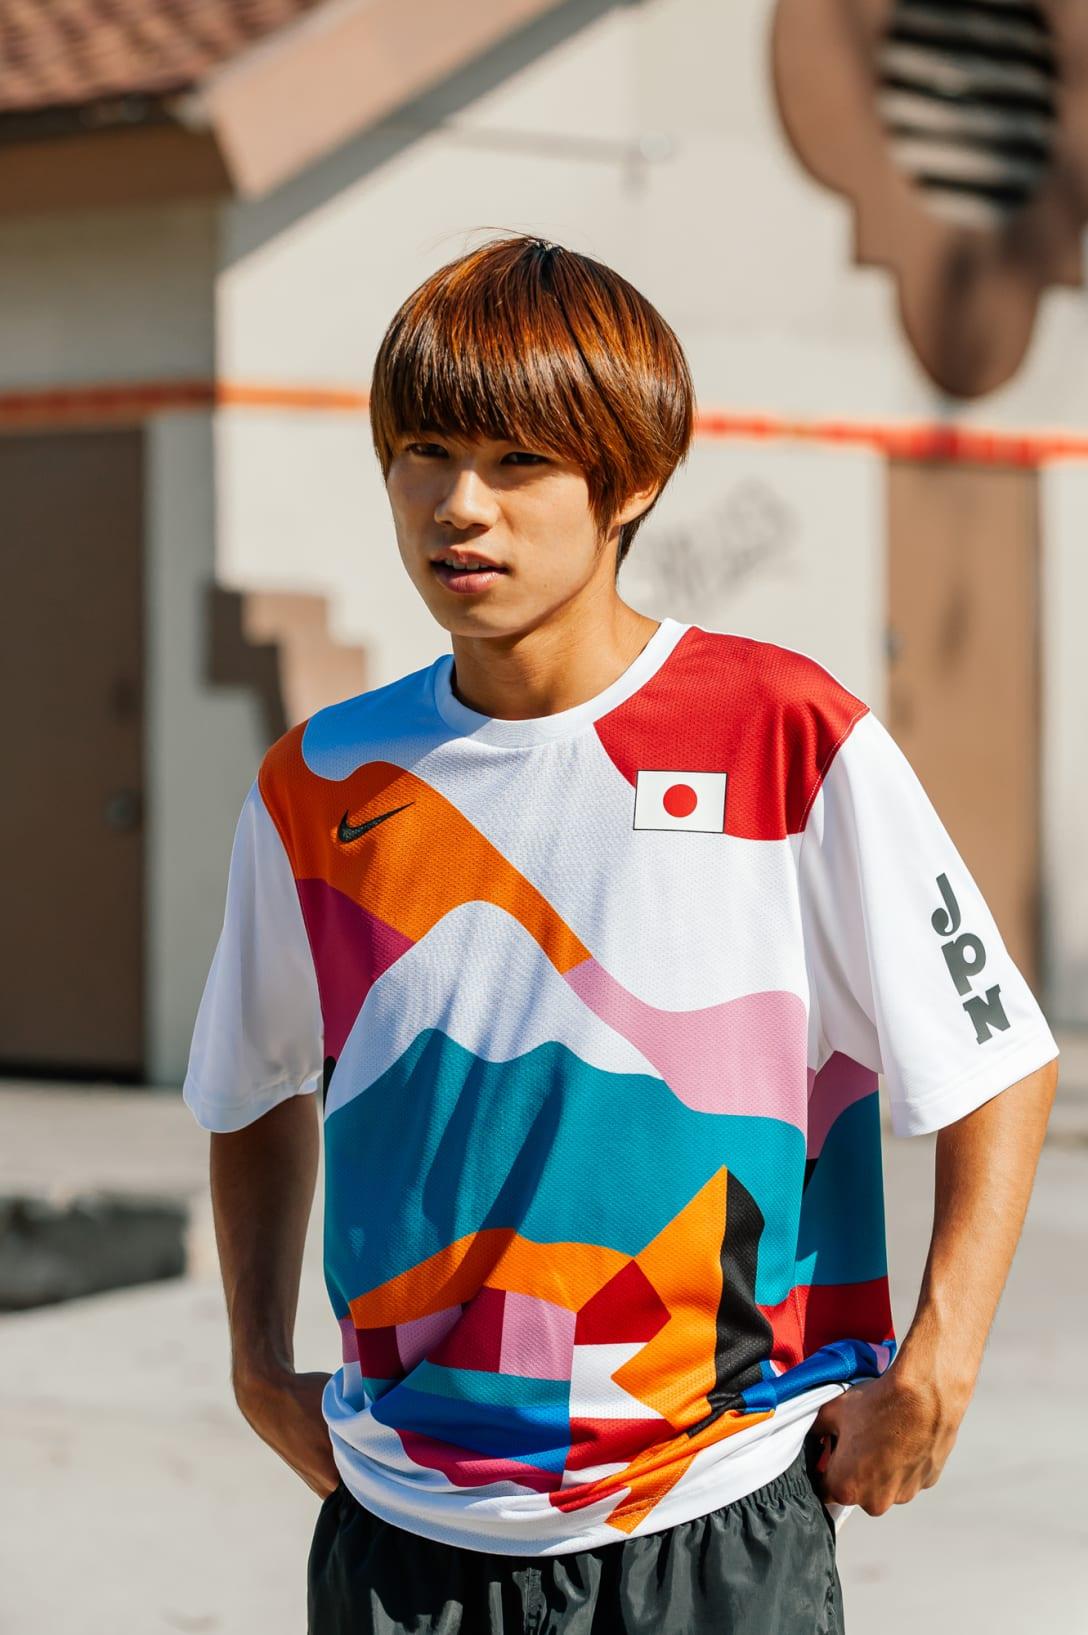 堀米雄斗選手 Image by NIKE